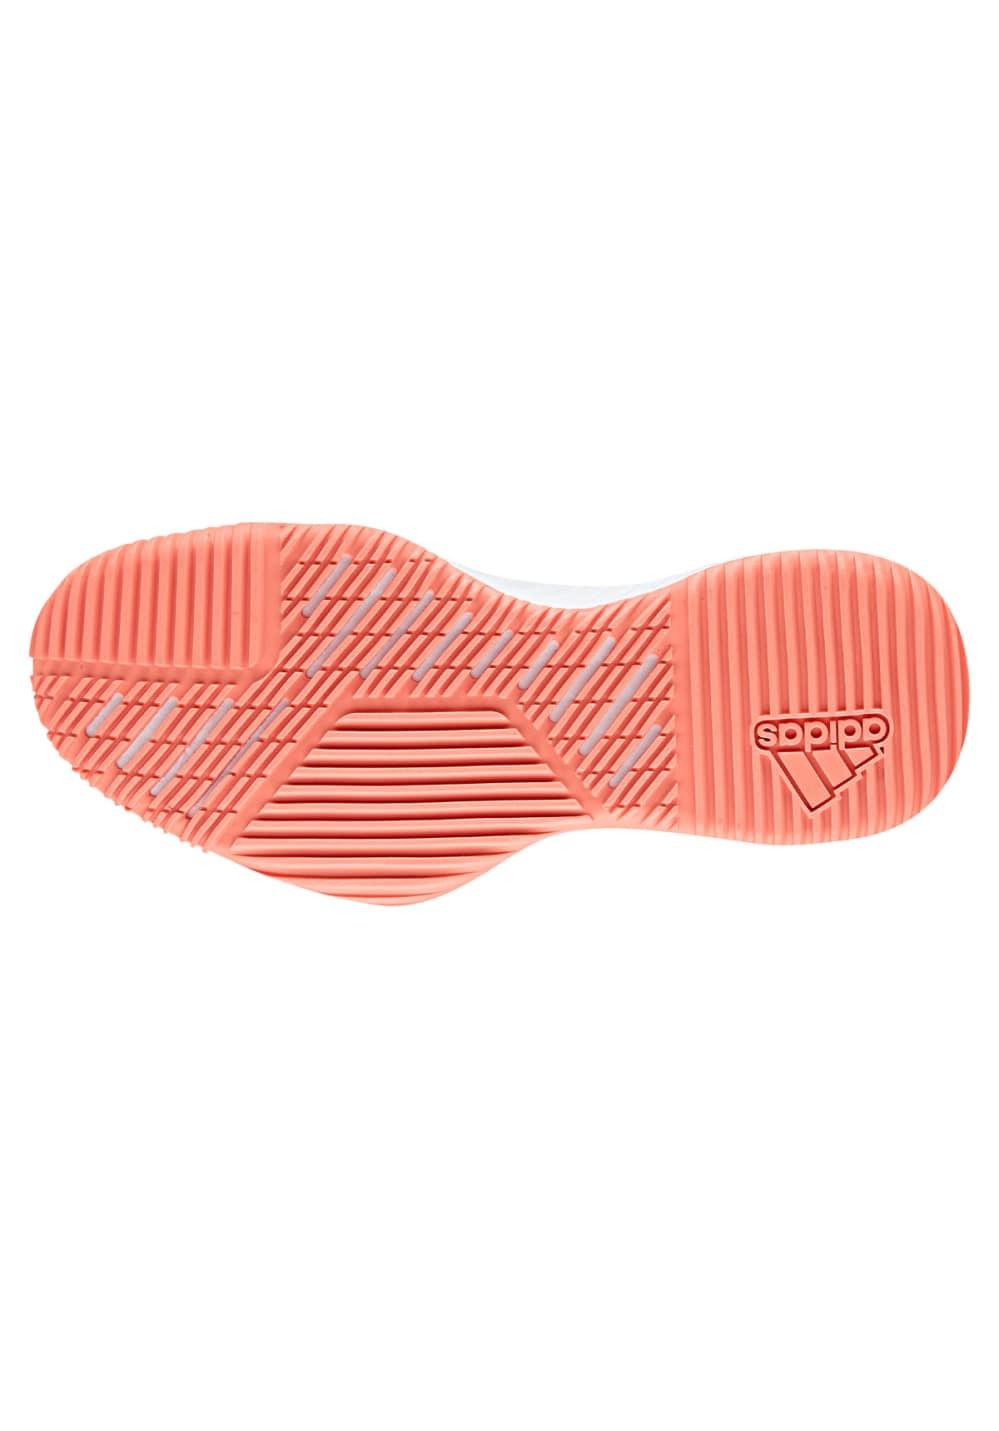 new concept 1d429 e742a Next. -70%. adidas. Crazytrain Lt - Chaussures fitness pour Femme